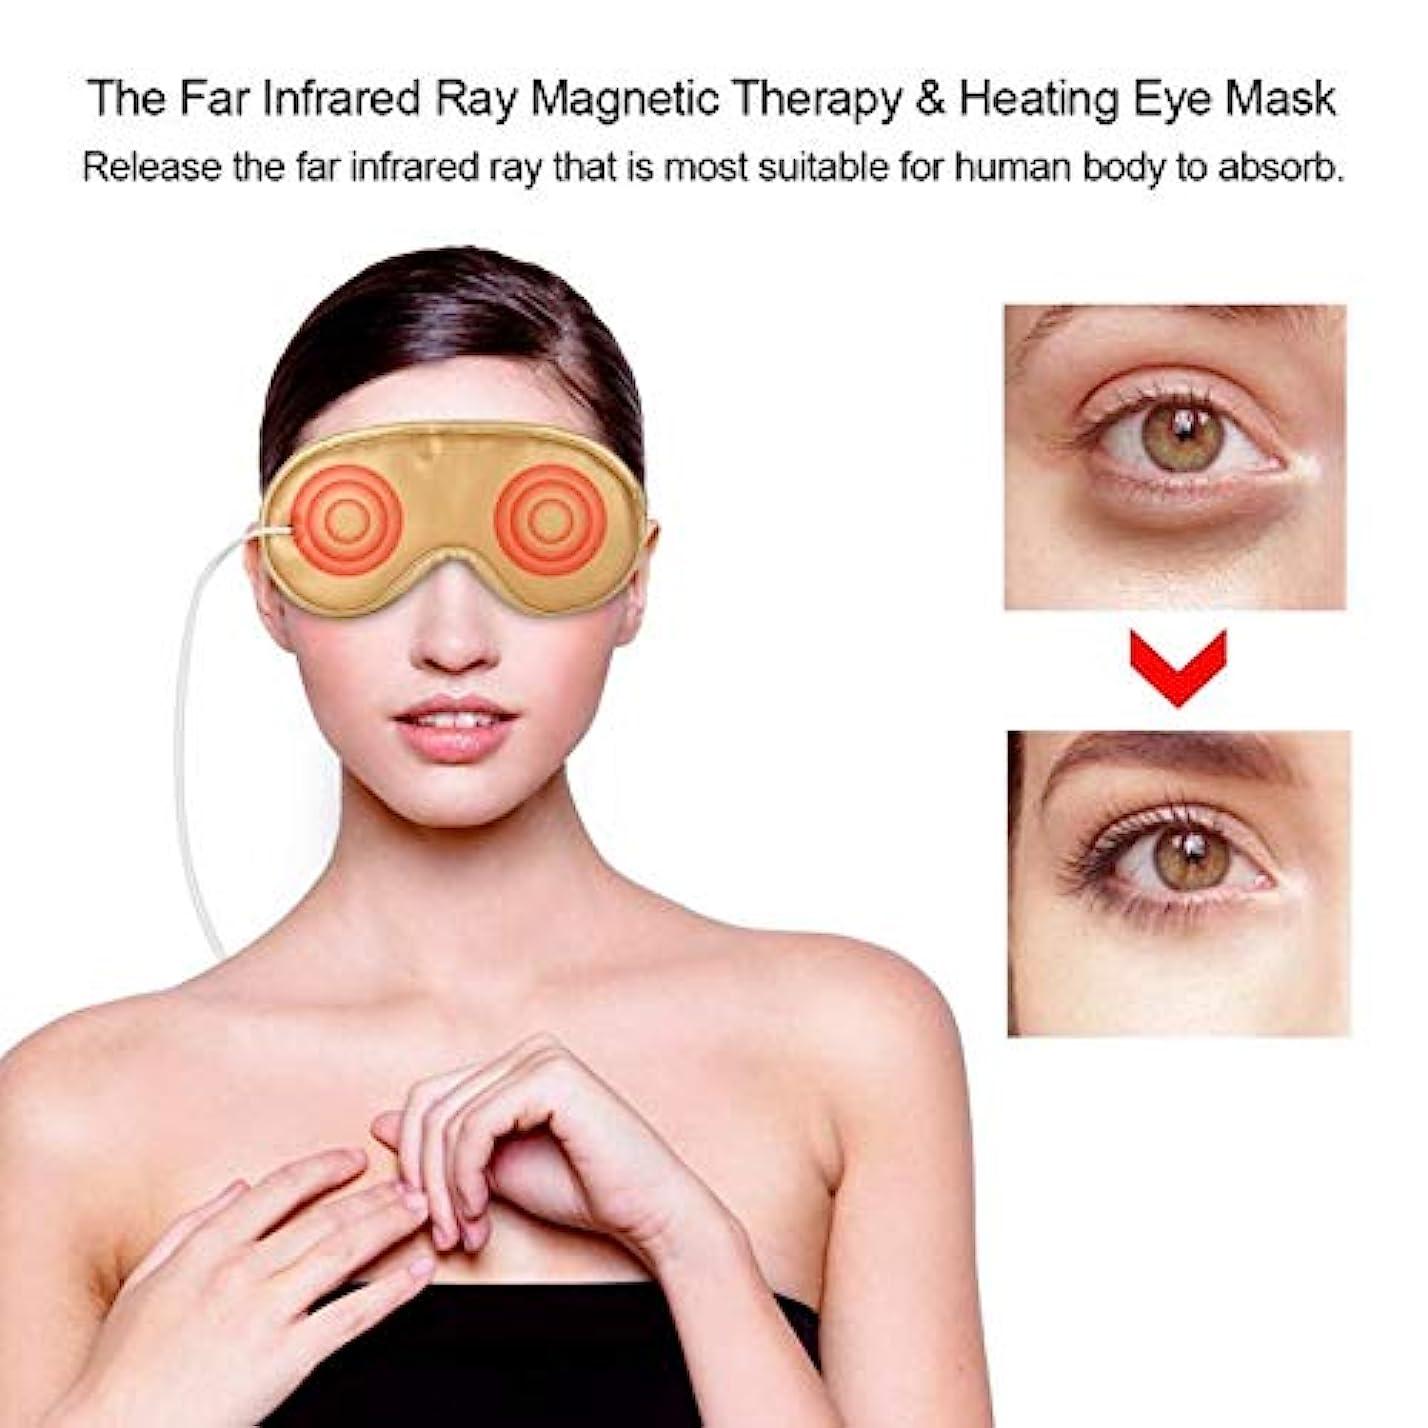 放射性音声学上に注電気アイマッサージャー遠赤外線磁気療法暖房ハーブ香り緩和ダークサークルホームトラベル睡眠アイマスク